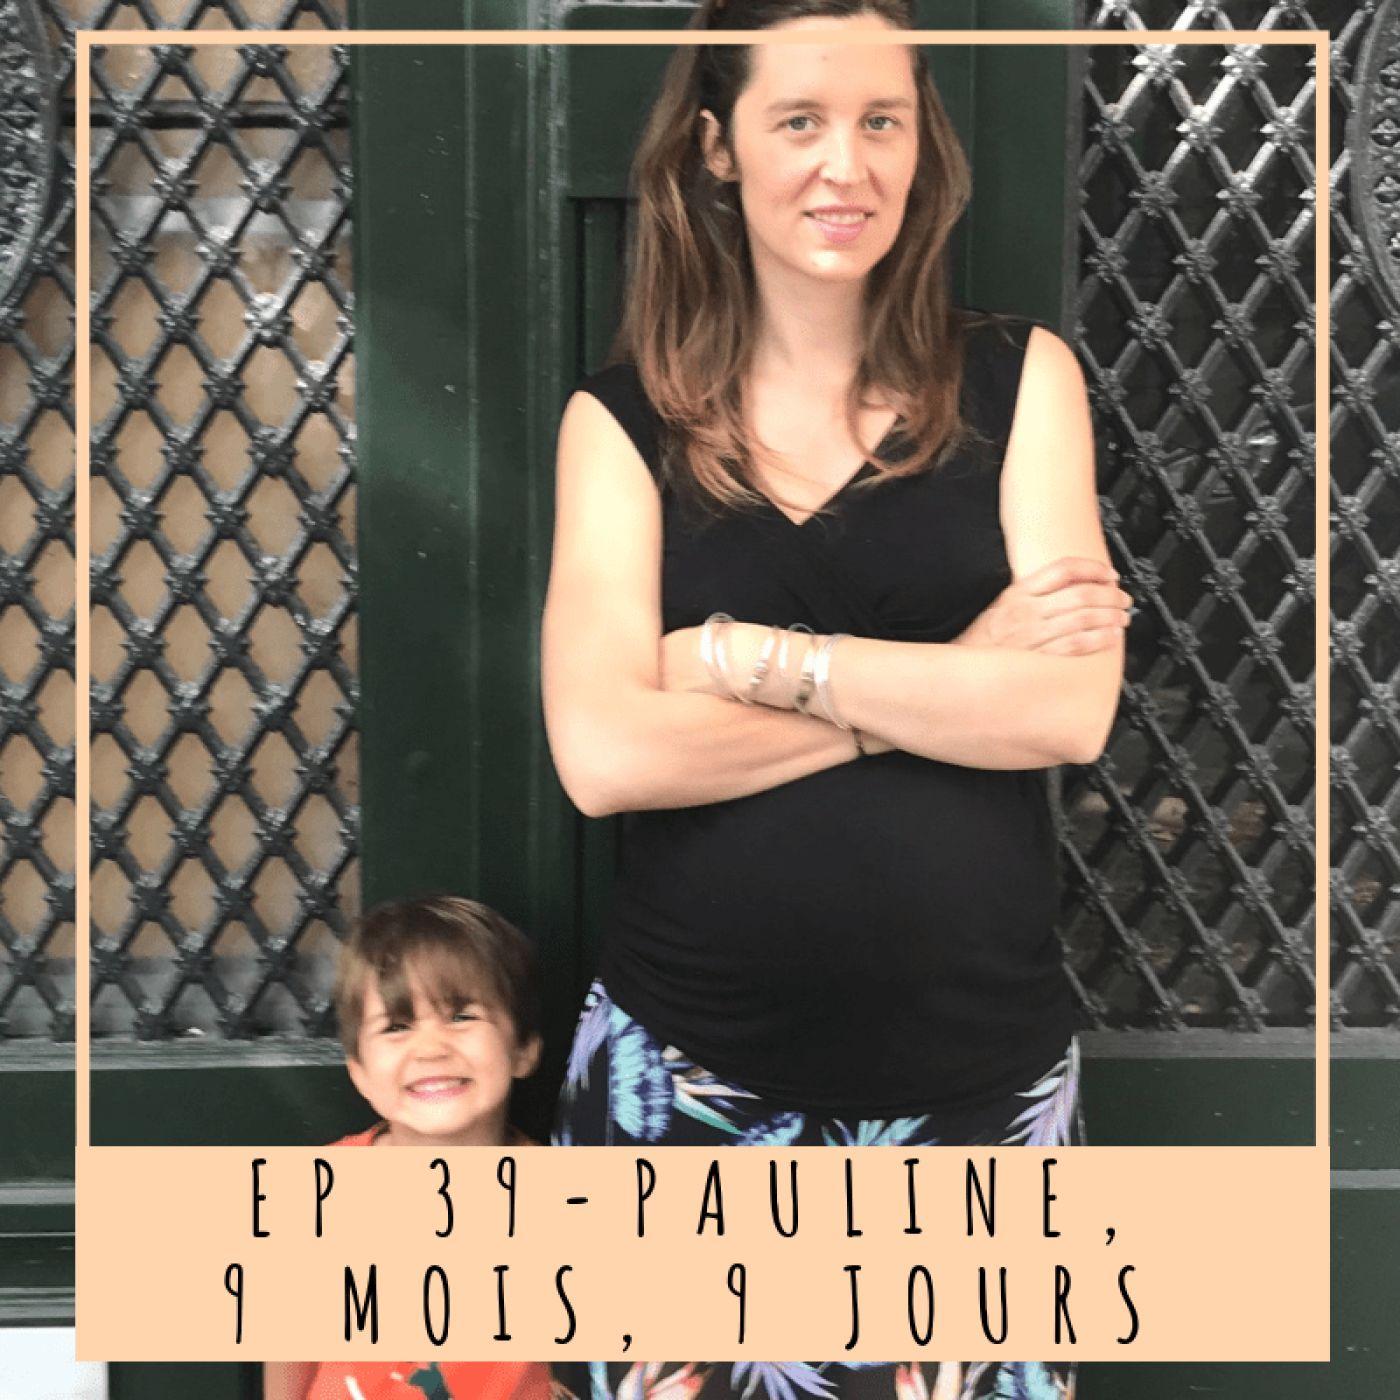 EP 39- PAULINE, 9 MOIS, 9 JOURS